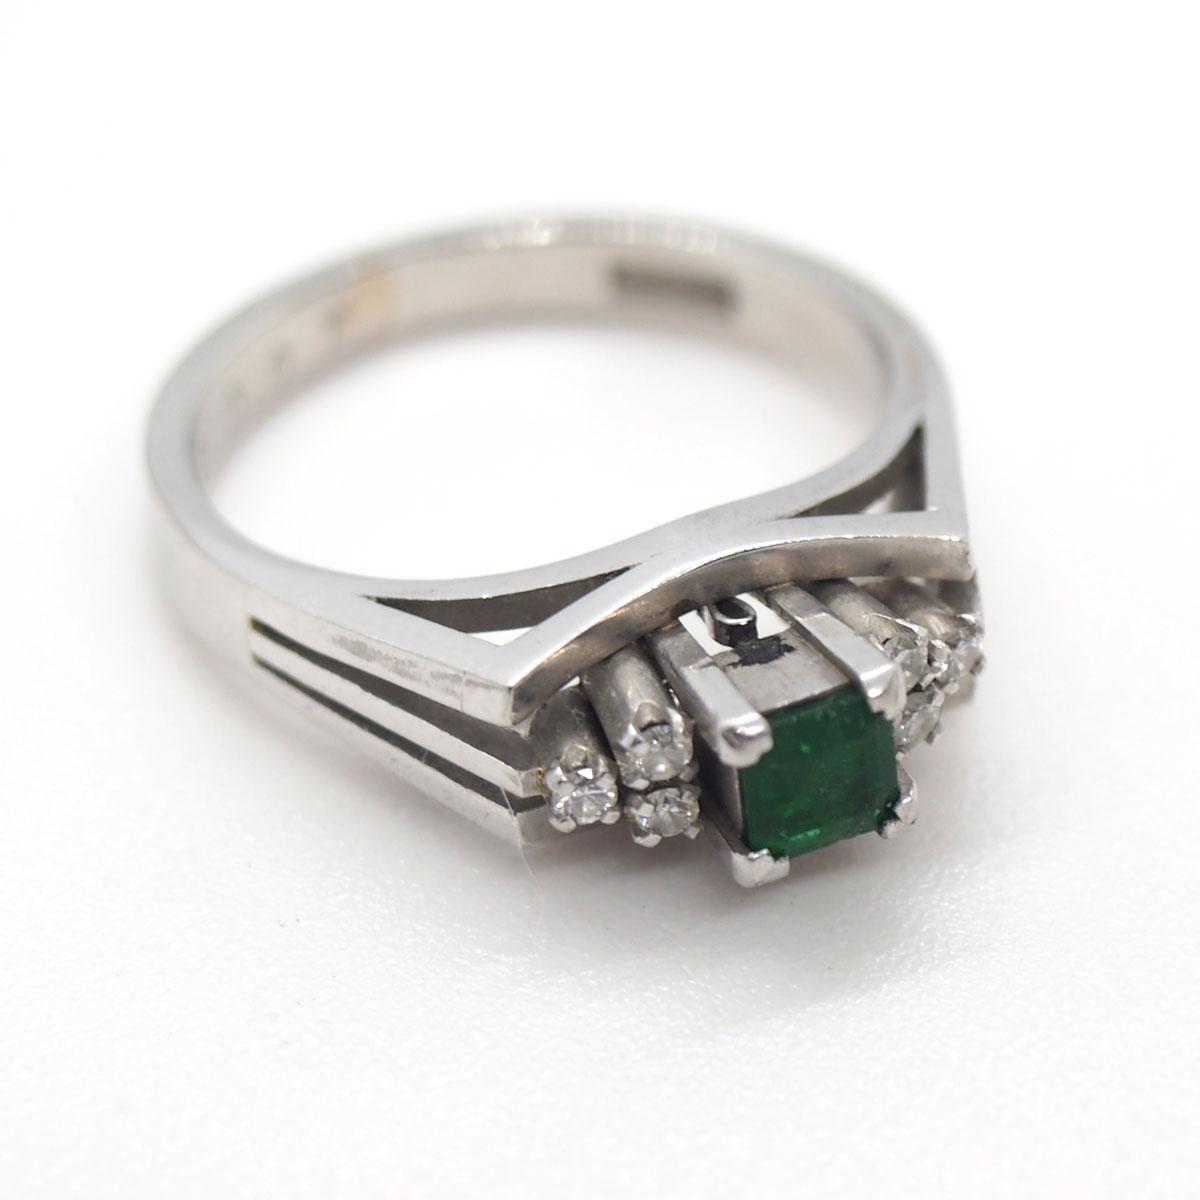 デザインの古いエメラルドの指輪